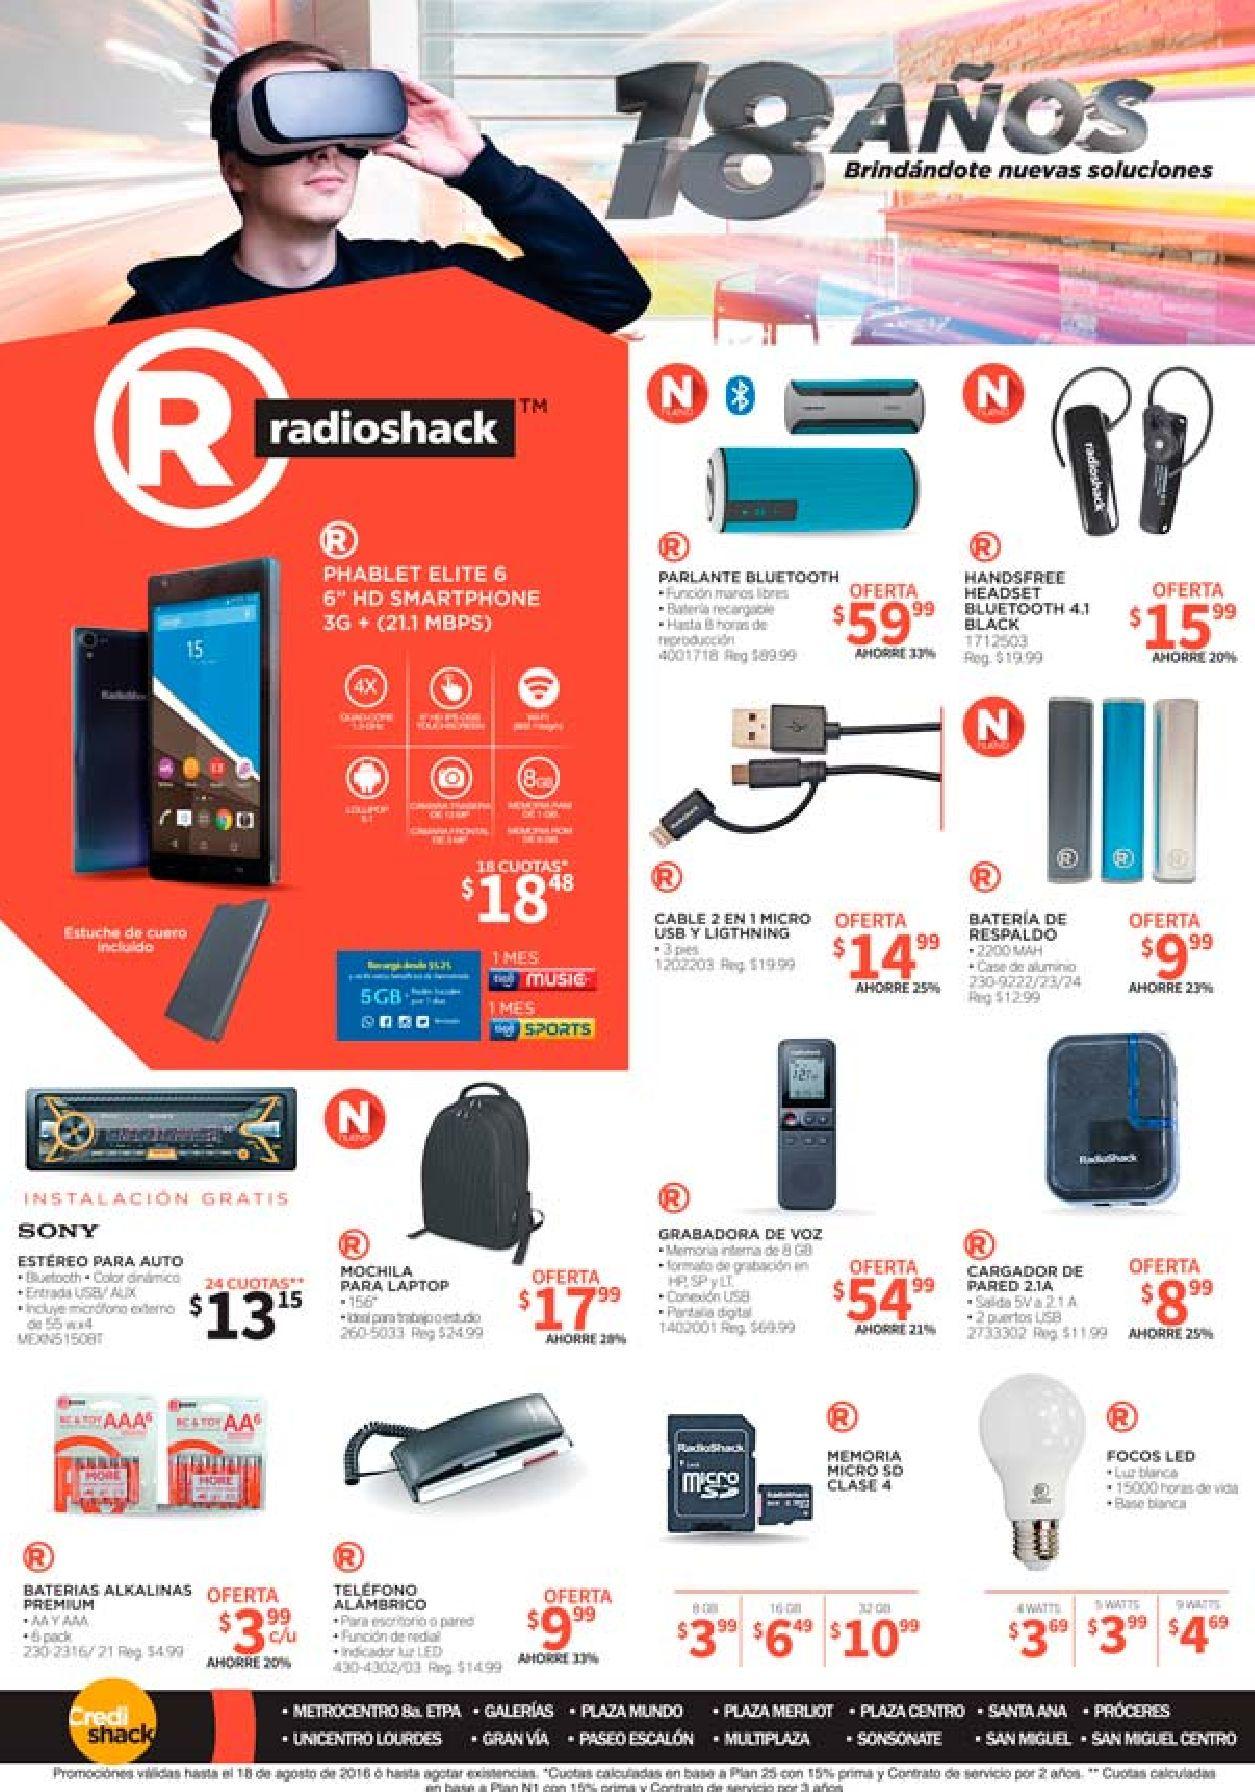 phablet-elite-offer-radioshack-muchos-gadgets-y-regalos